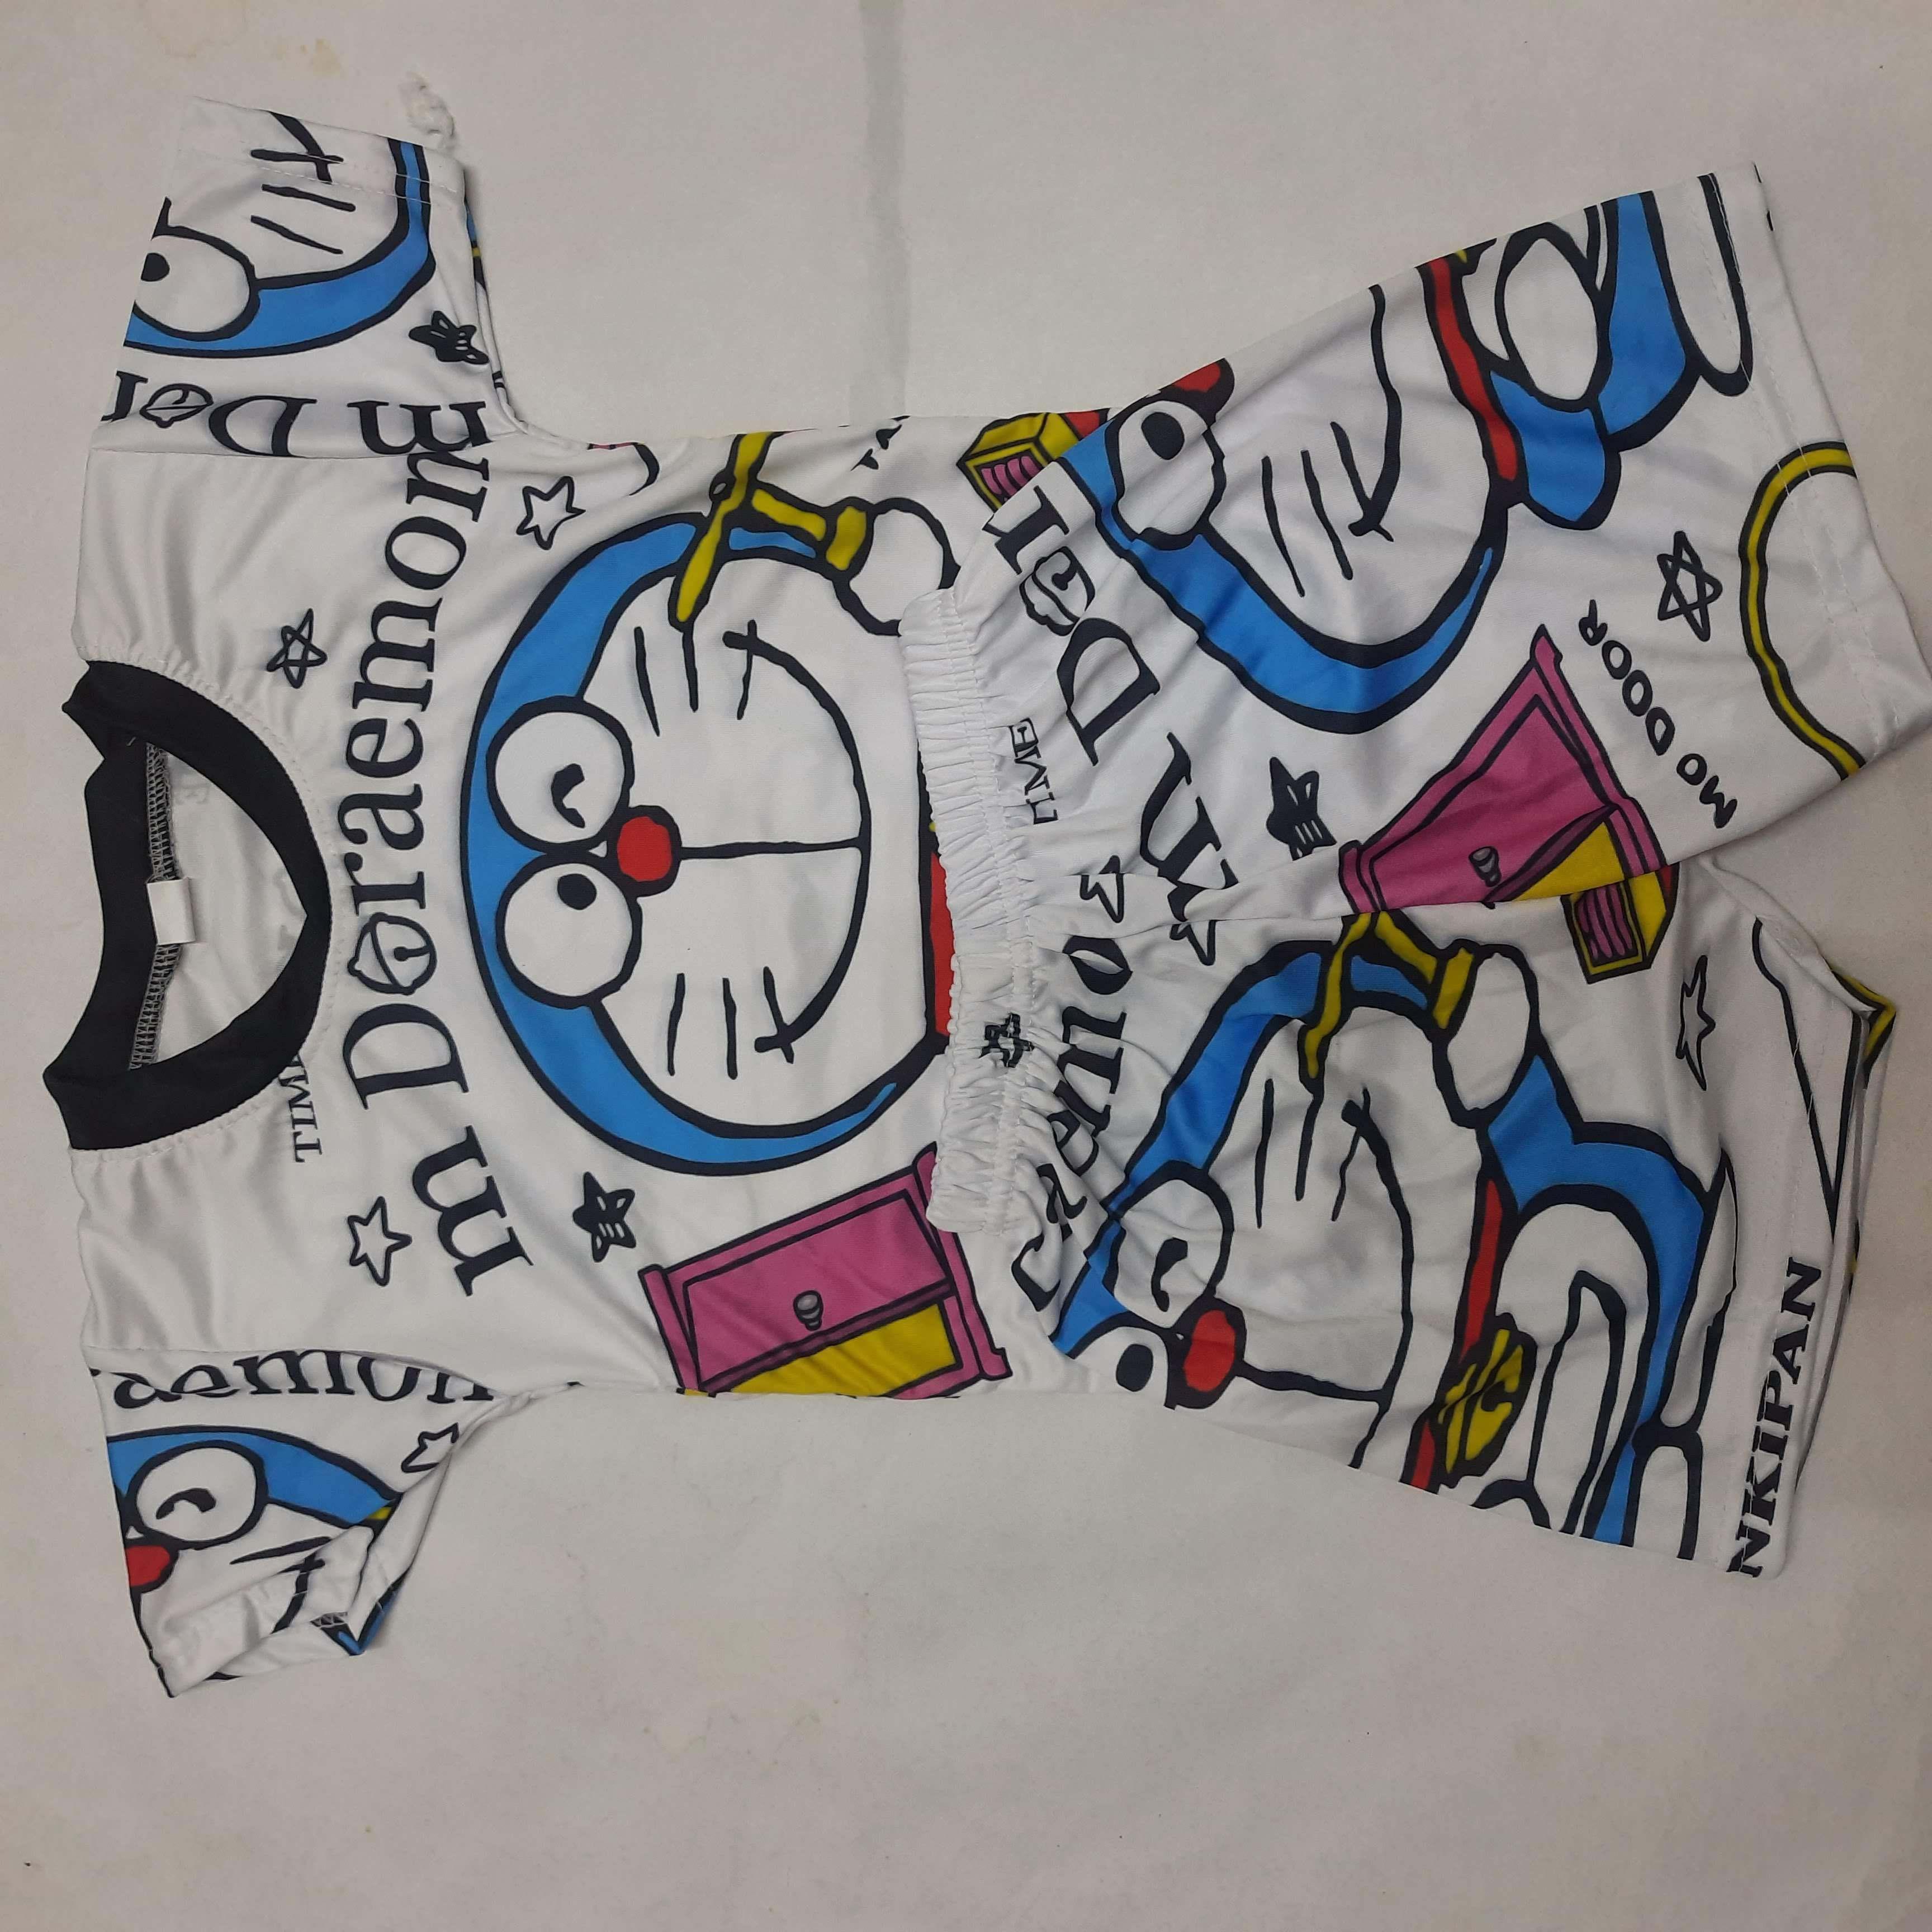 ชุดเด็ก ไซส์ S อก22นิ้วผ้ามันพิมพ์ลายการ์ตูนหน้าและหลัง 6-12 โล